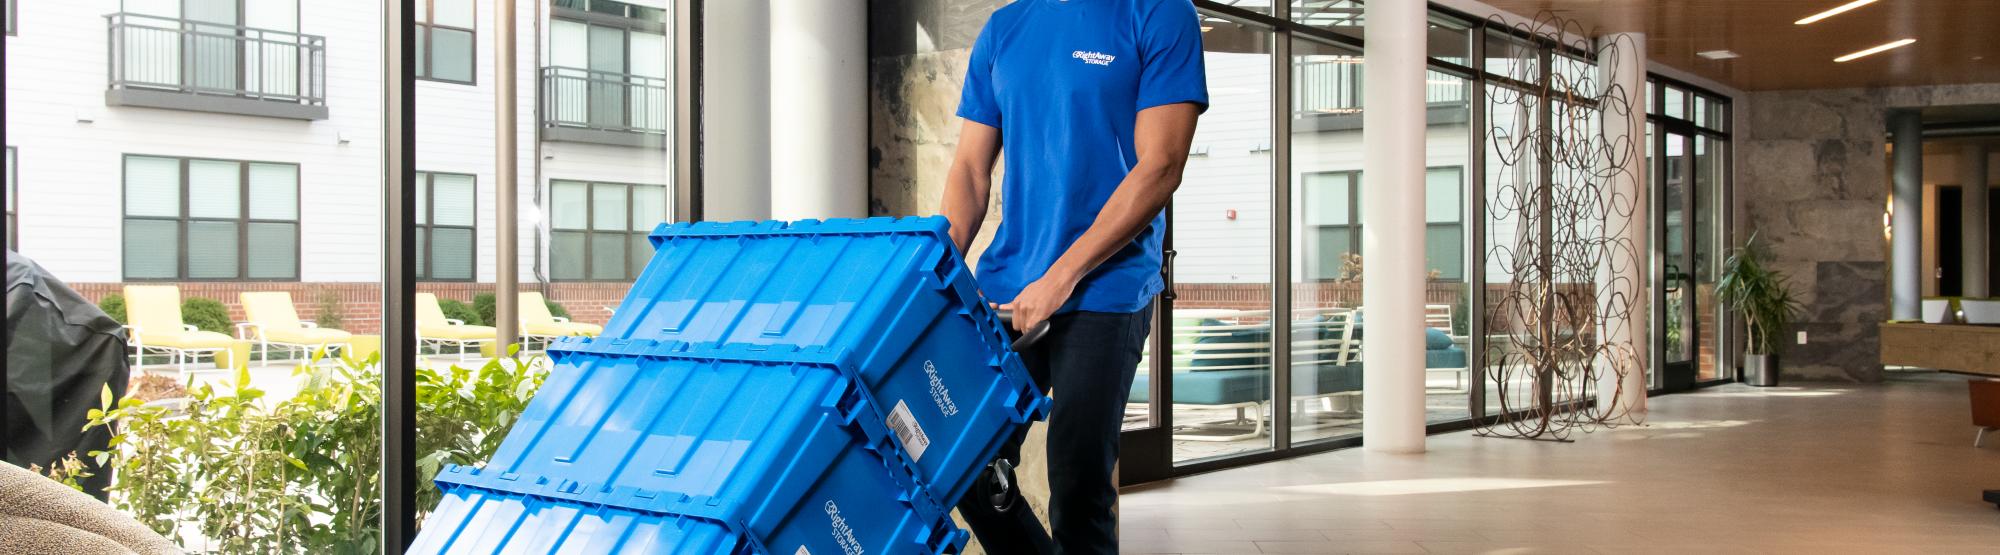 Student Storage - Storage Delivery